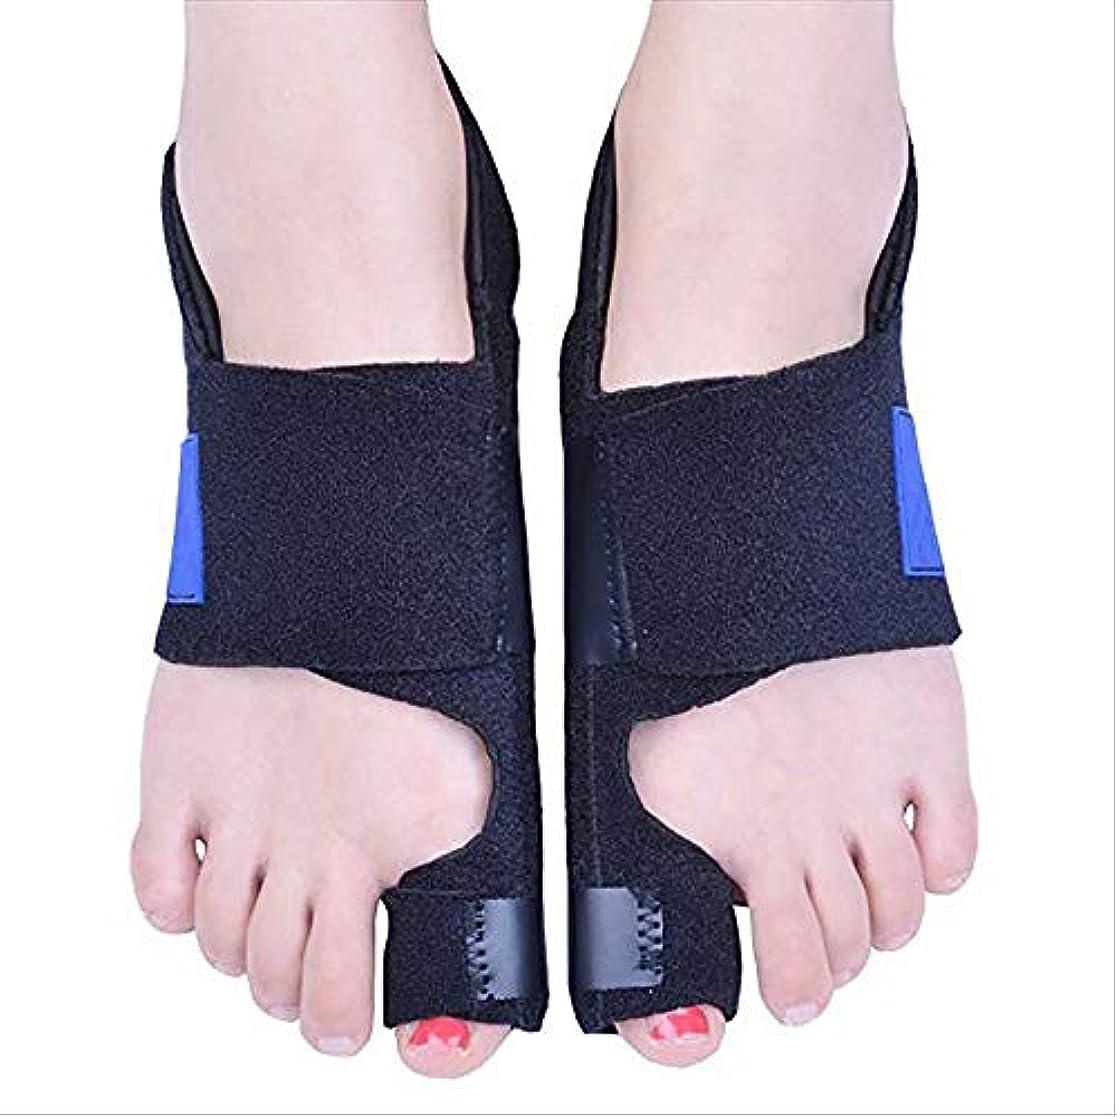 ペイン物足りない子供時代整形外科用フットサポートトゥセパレーター、Thumb valgus pain補正装置、昼夜を問わず携帯マッサージ保護姿勢で、すぐに痛みを軽減,Black